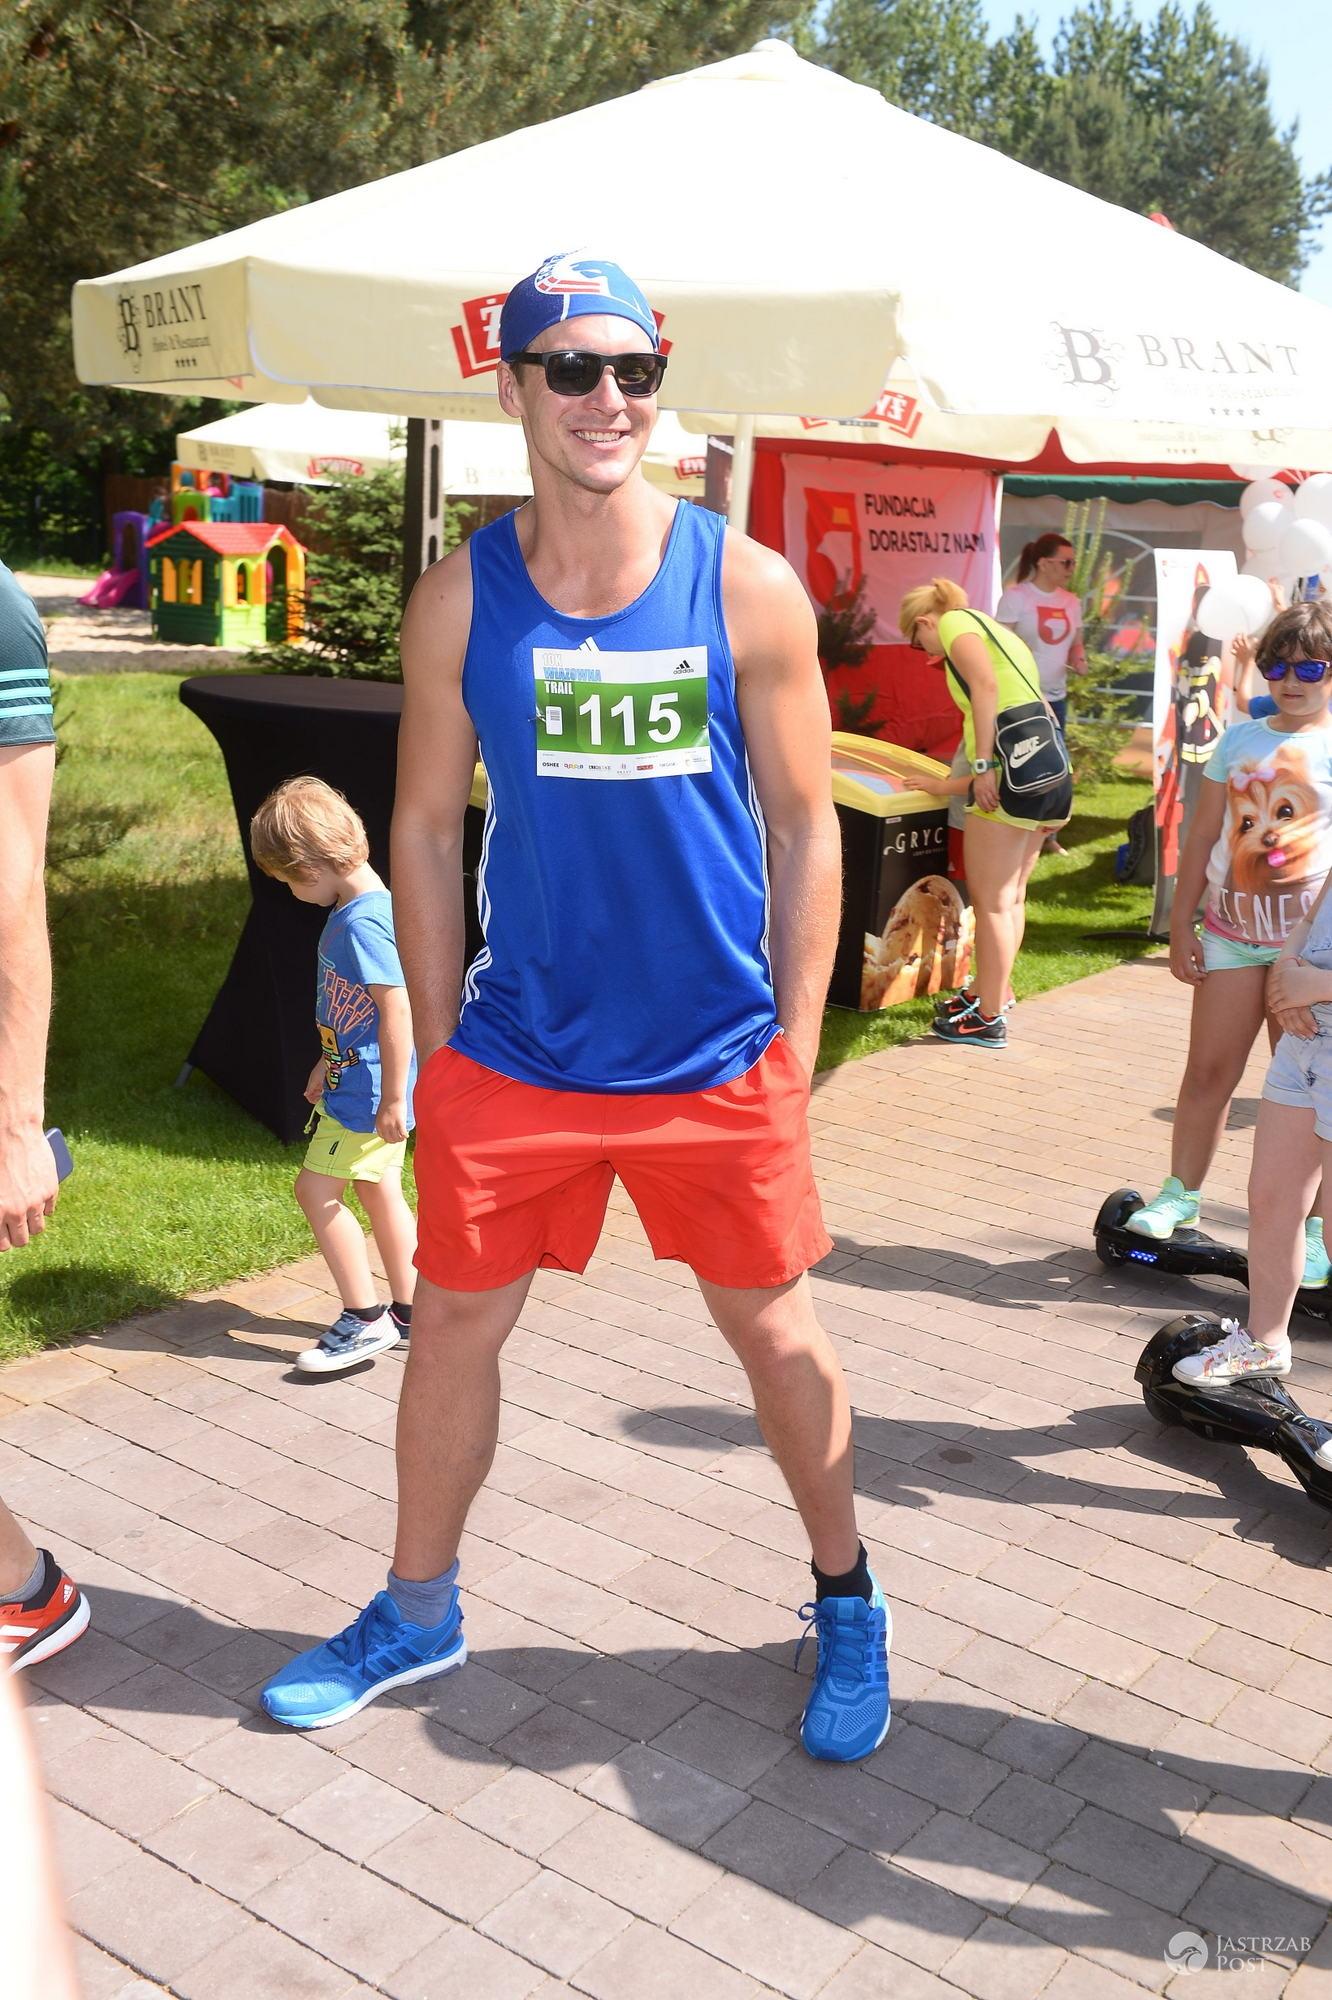 Mikołaj Roznerski - Maraton Charytatywny w Hotelu Brant